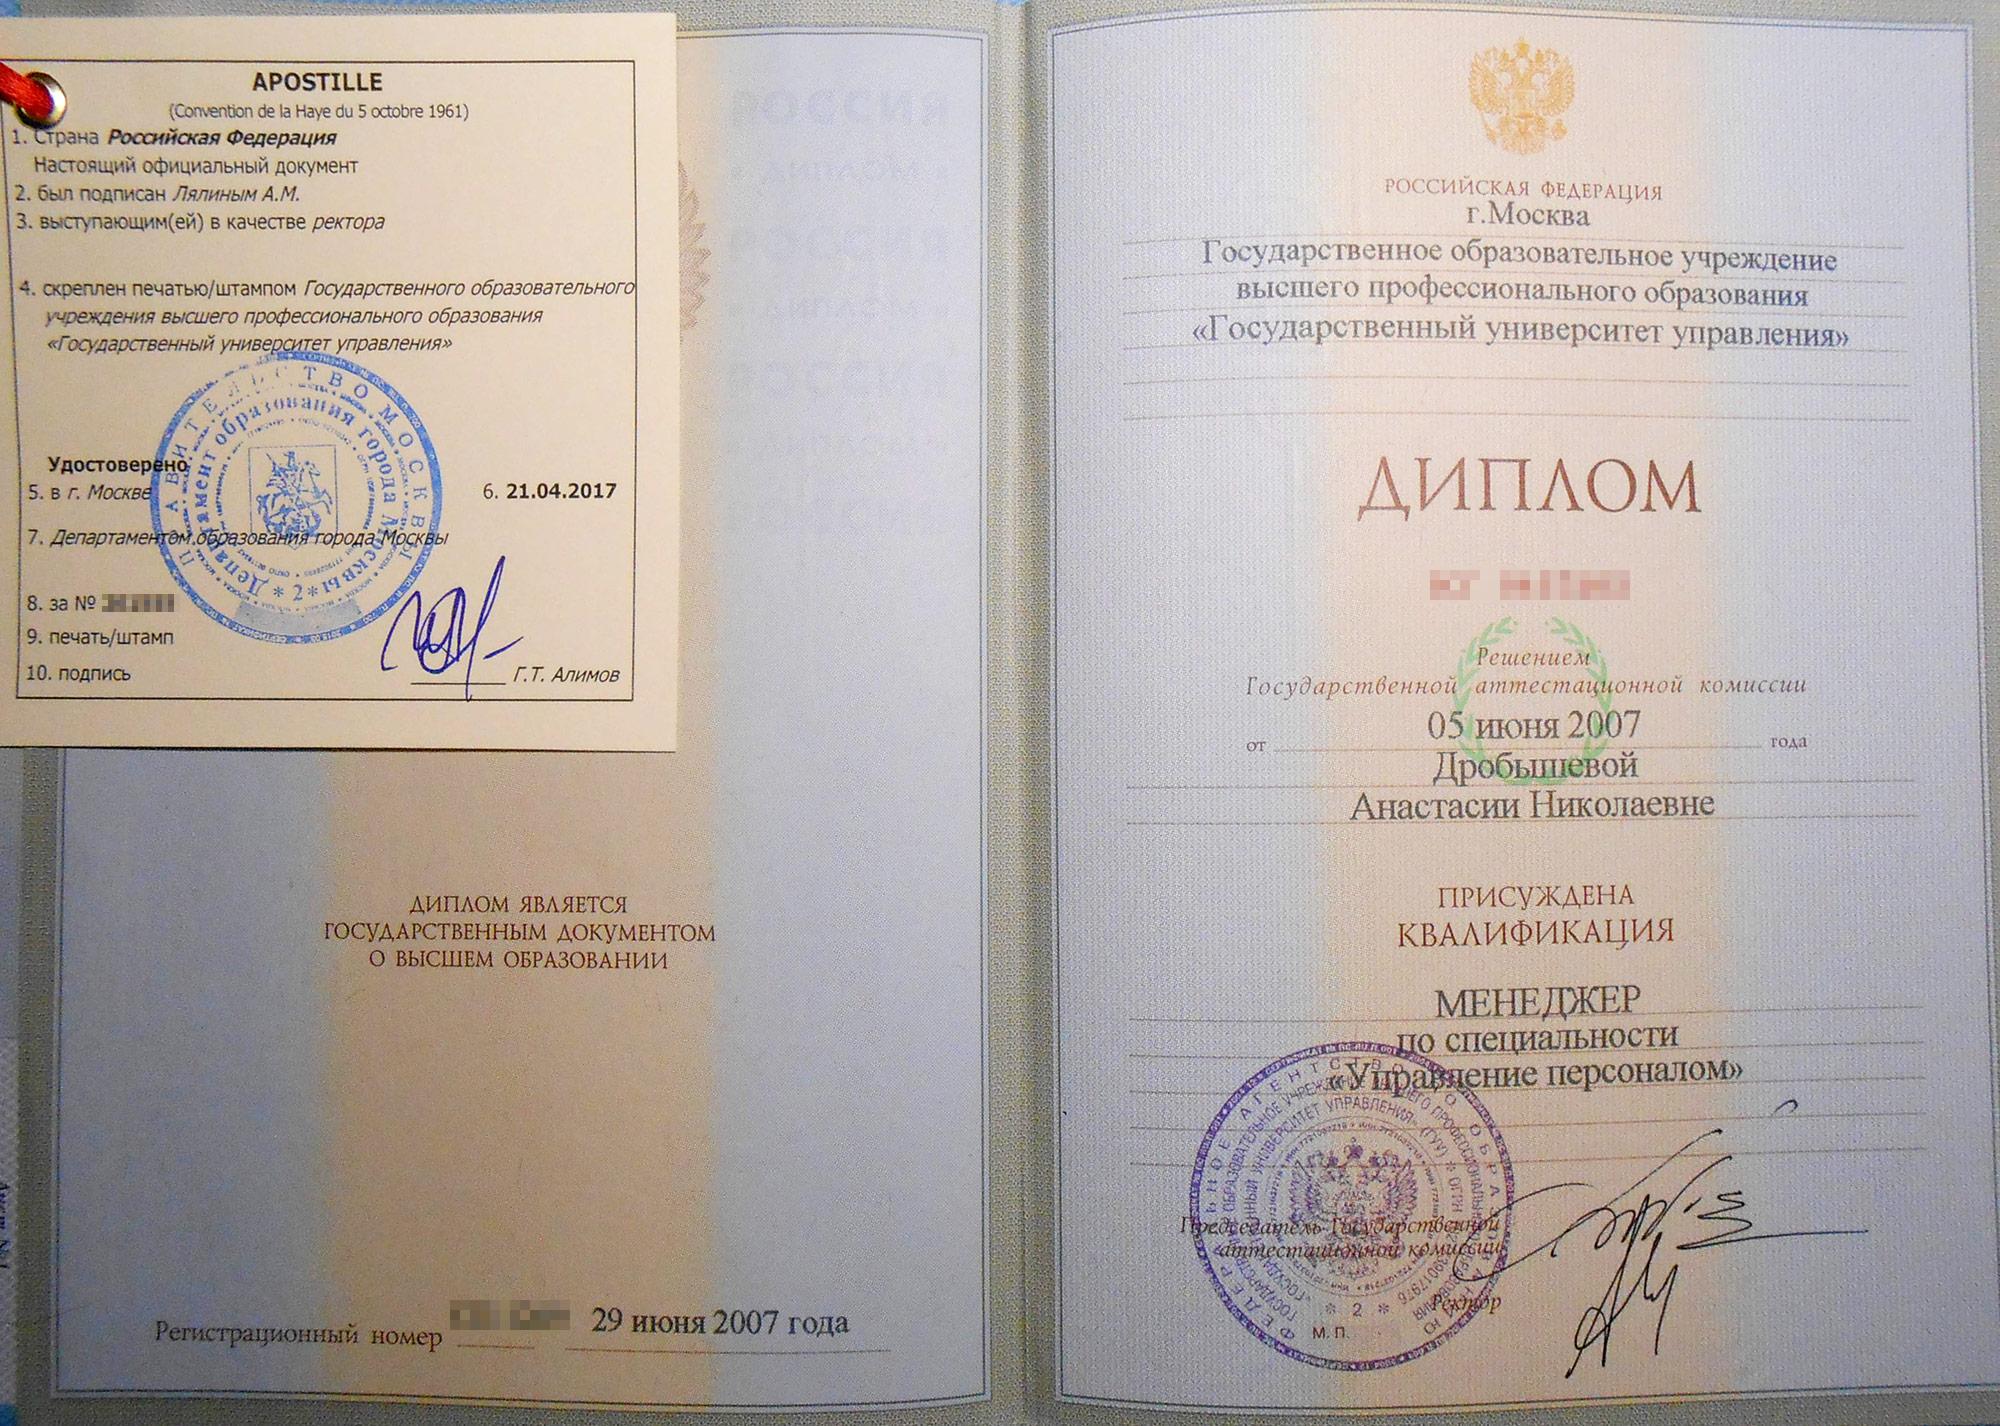 Мой диплом с апостилем. Советую начинать именно с него, потому что по закону апостиль на диплом могут ставить до 45 дней